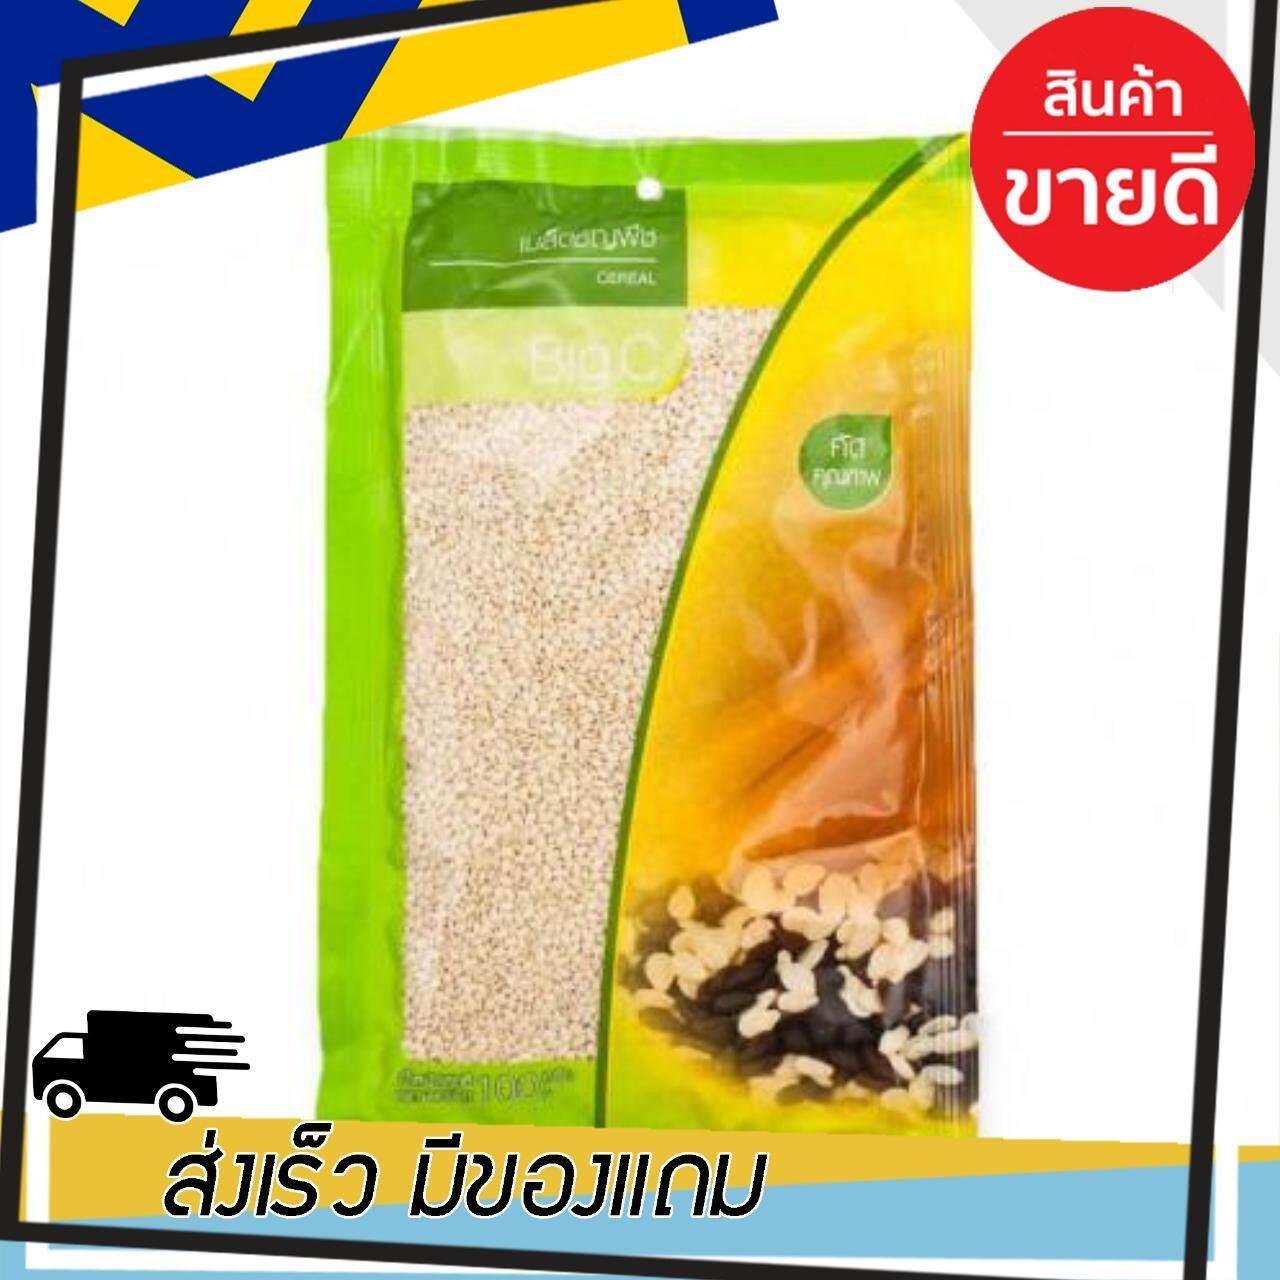 ((พร้อมส่ง)) ตราบิ๊กซี เมล็ดธัญพืช งาขาว ขนาด 100 กรัม ข้าว ธัญพืช สมุนไพร ยา เพิ่ม น้ำนม อาหาร เพิ่ม น้ำนม ภูมิแพ้ จมูก ข้าว เพิ่ม น้ำนม อาการ ภูมิแพ้ แฟ รน ไช ส์ ขาย ดี ทุเรียน อบ แห้ง สมุนไพร เพิ่ม น้ำนม โต๊ะ กิน ข้าว index ของแท้ 100% ราคาถูก